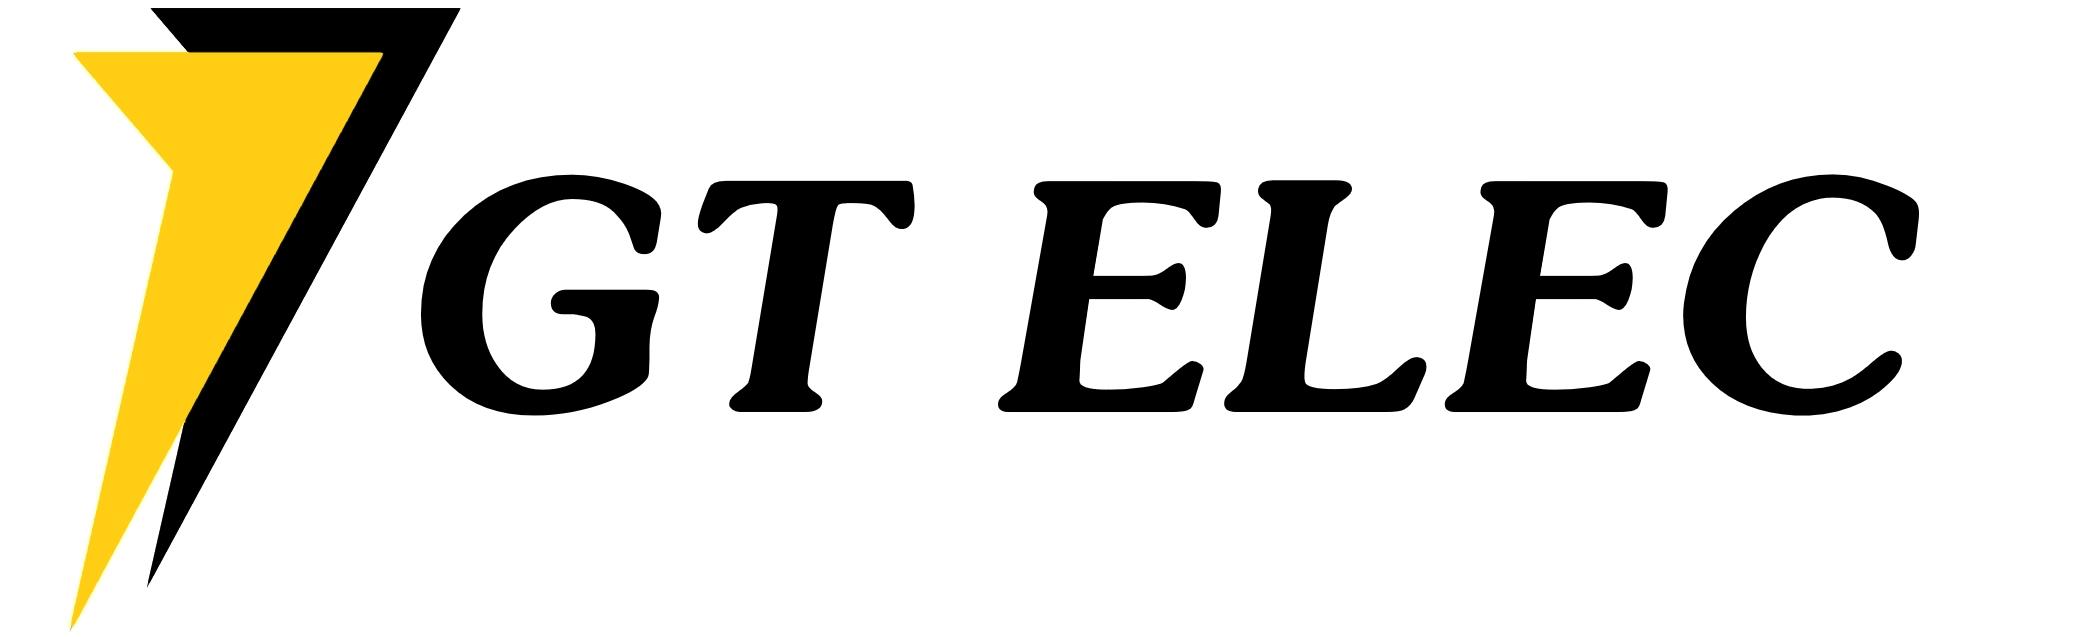 GT Elec - Outils de jardin sans fil à batterie